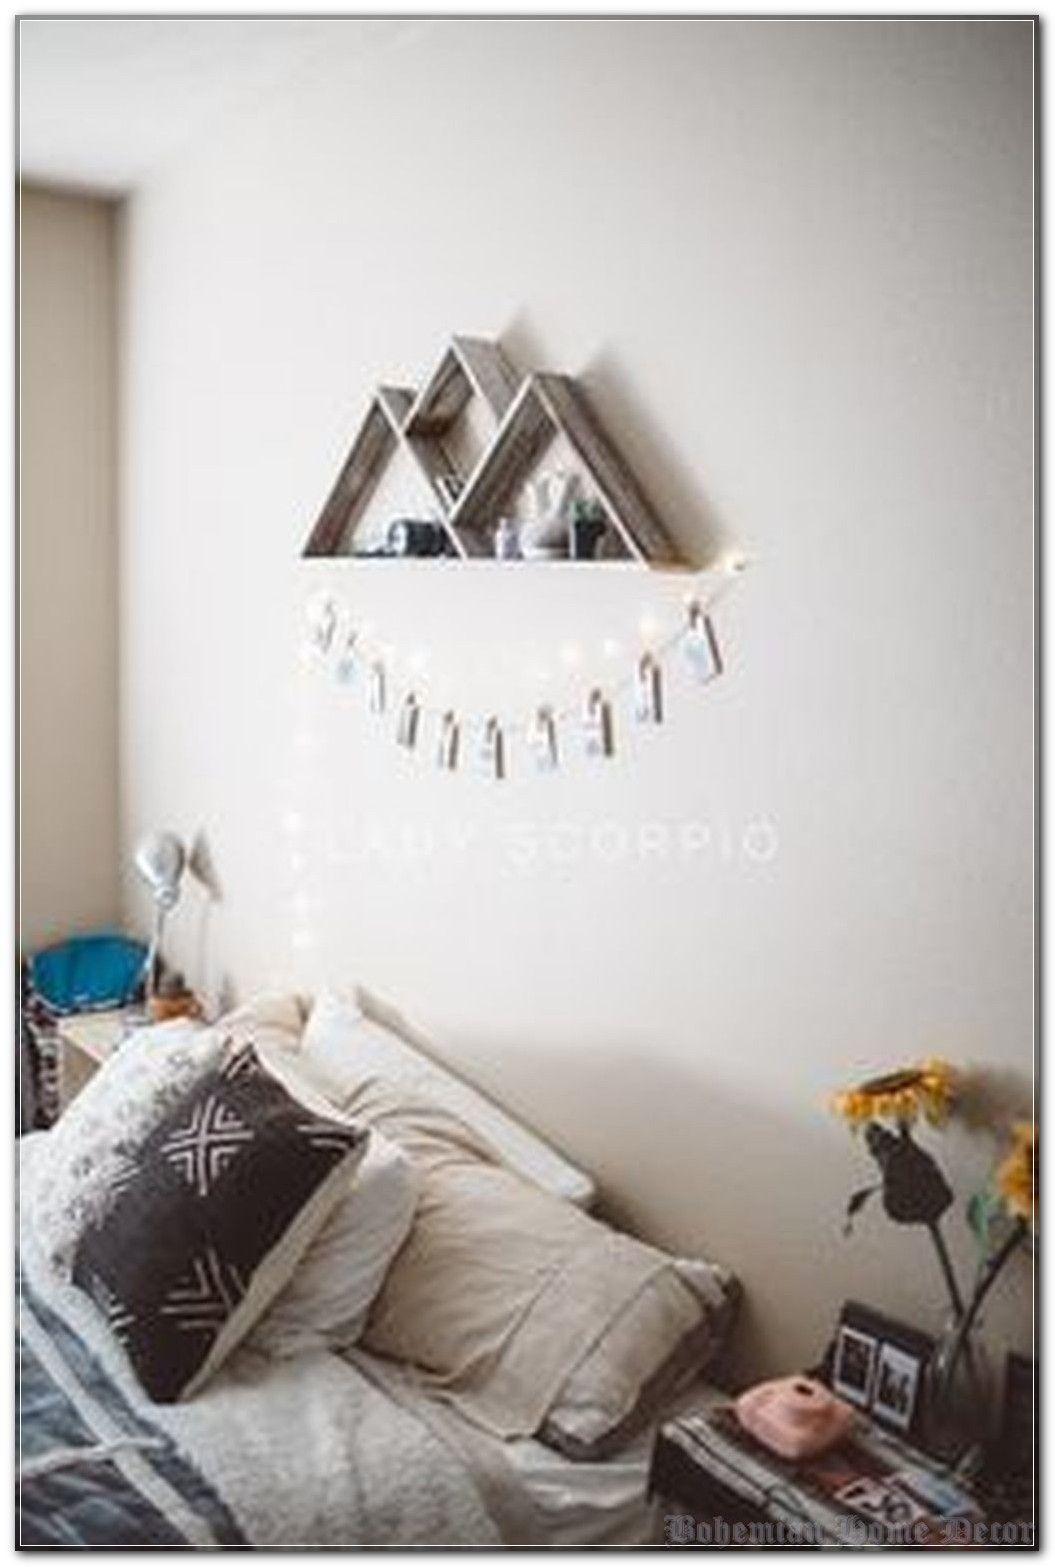 Bohemian Home Decor Resources: google.com (website)